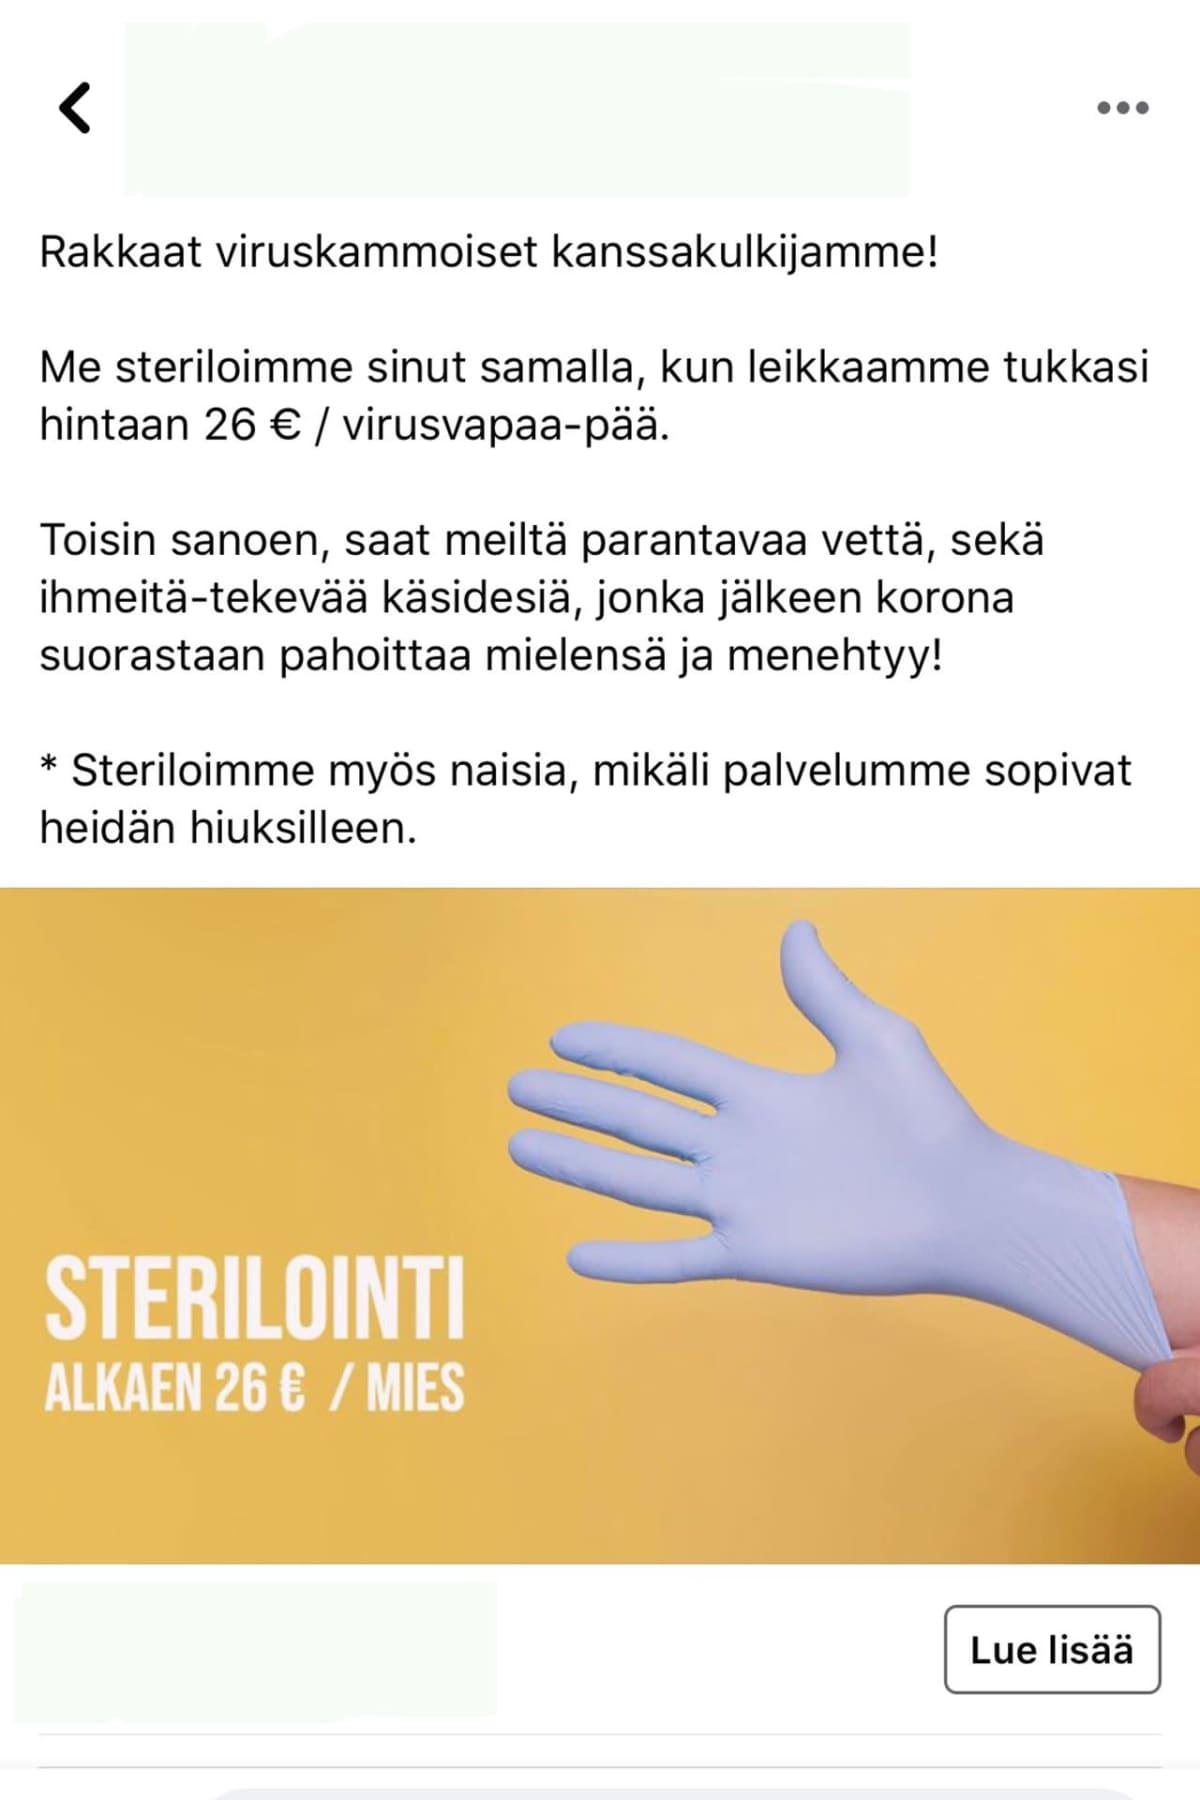 Parturiliikkeen mainos, jossa luvataan steriloida asiakas.